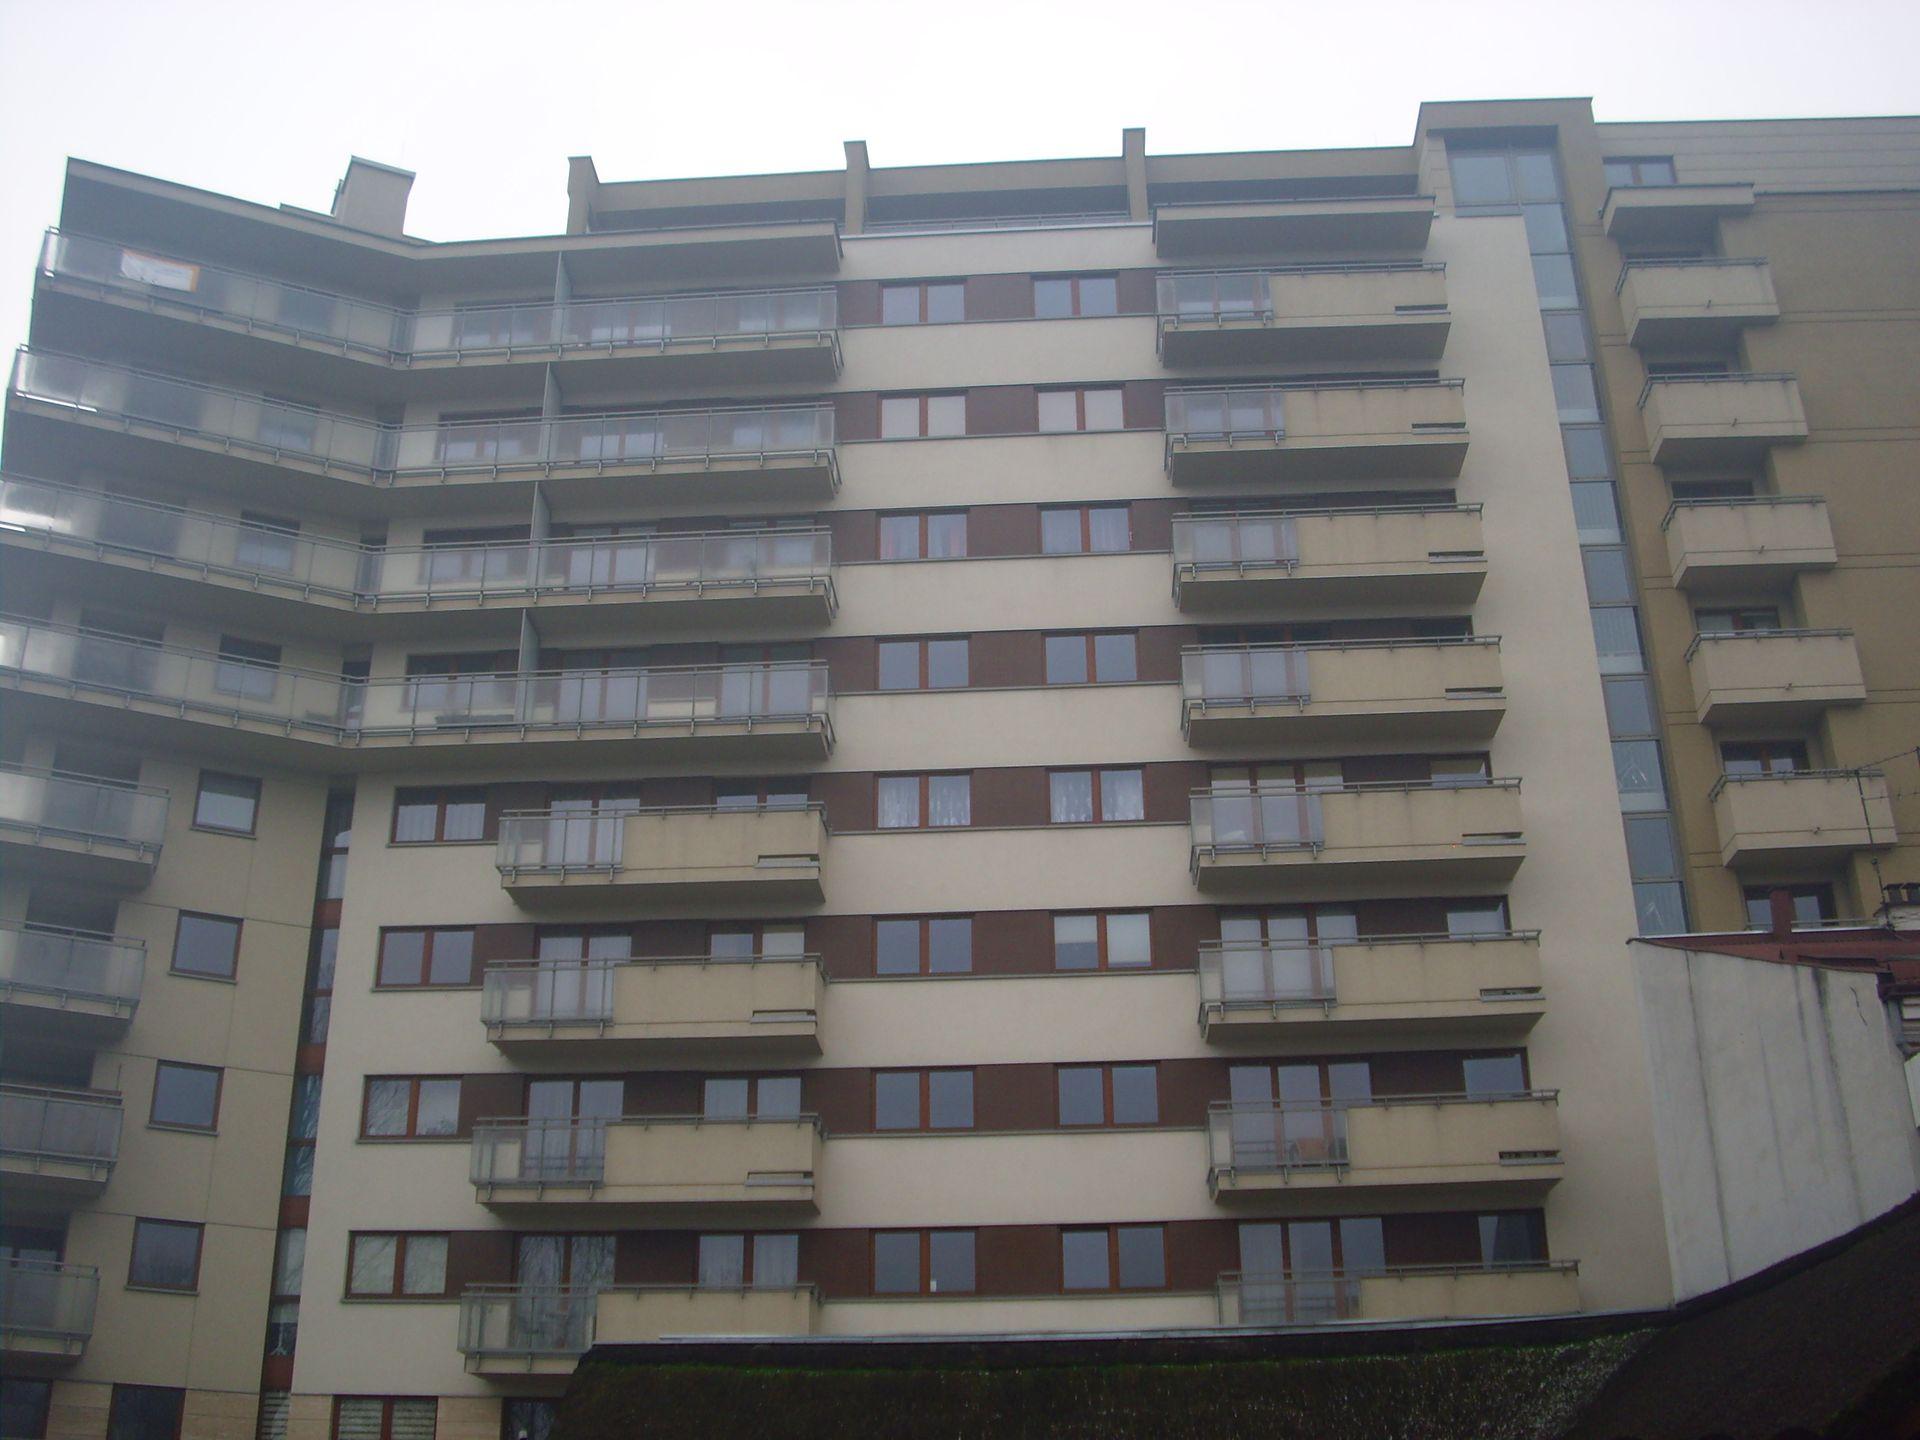 [Kraków] W Krakowie kupujemy droższe mieszkania